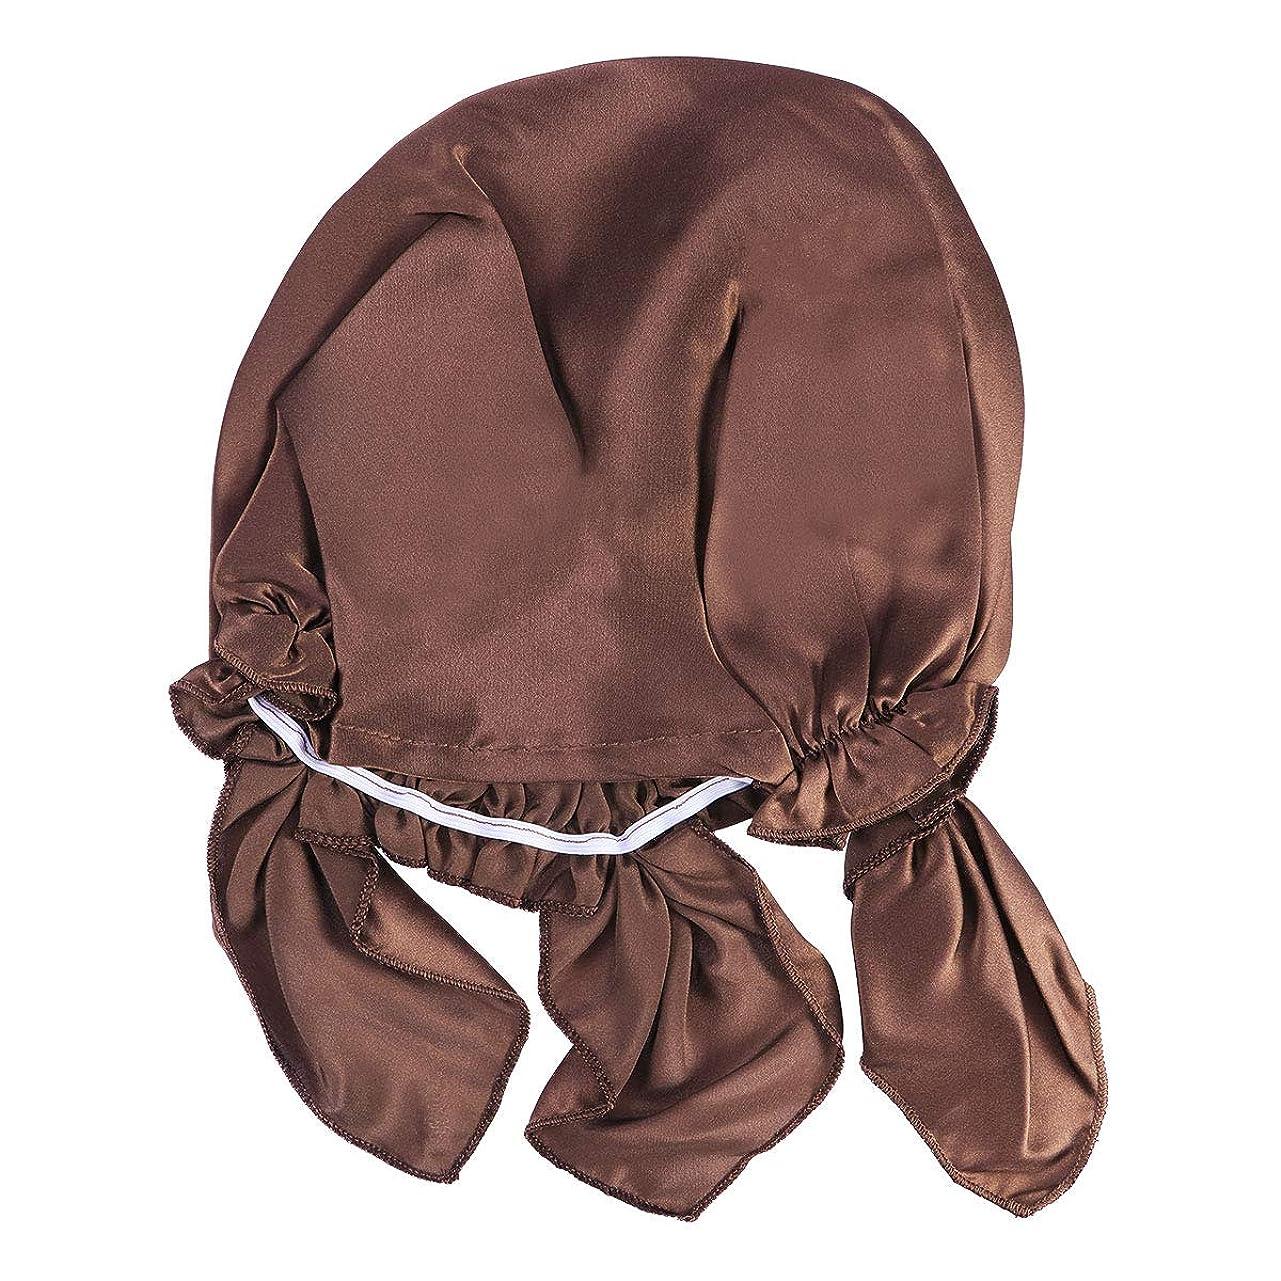 眉をひそめる神学校やるHealifty 桑のシルクの夜の睡眠キャップ毛の乾燥レースキャップ調整可能な弾性リボン